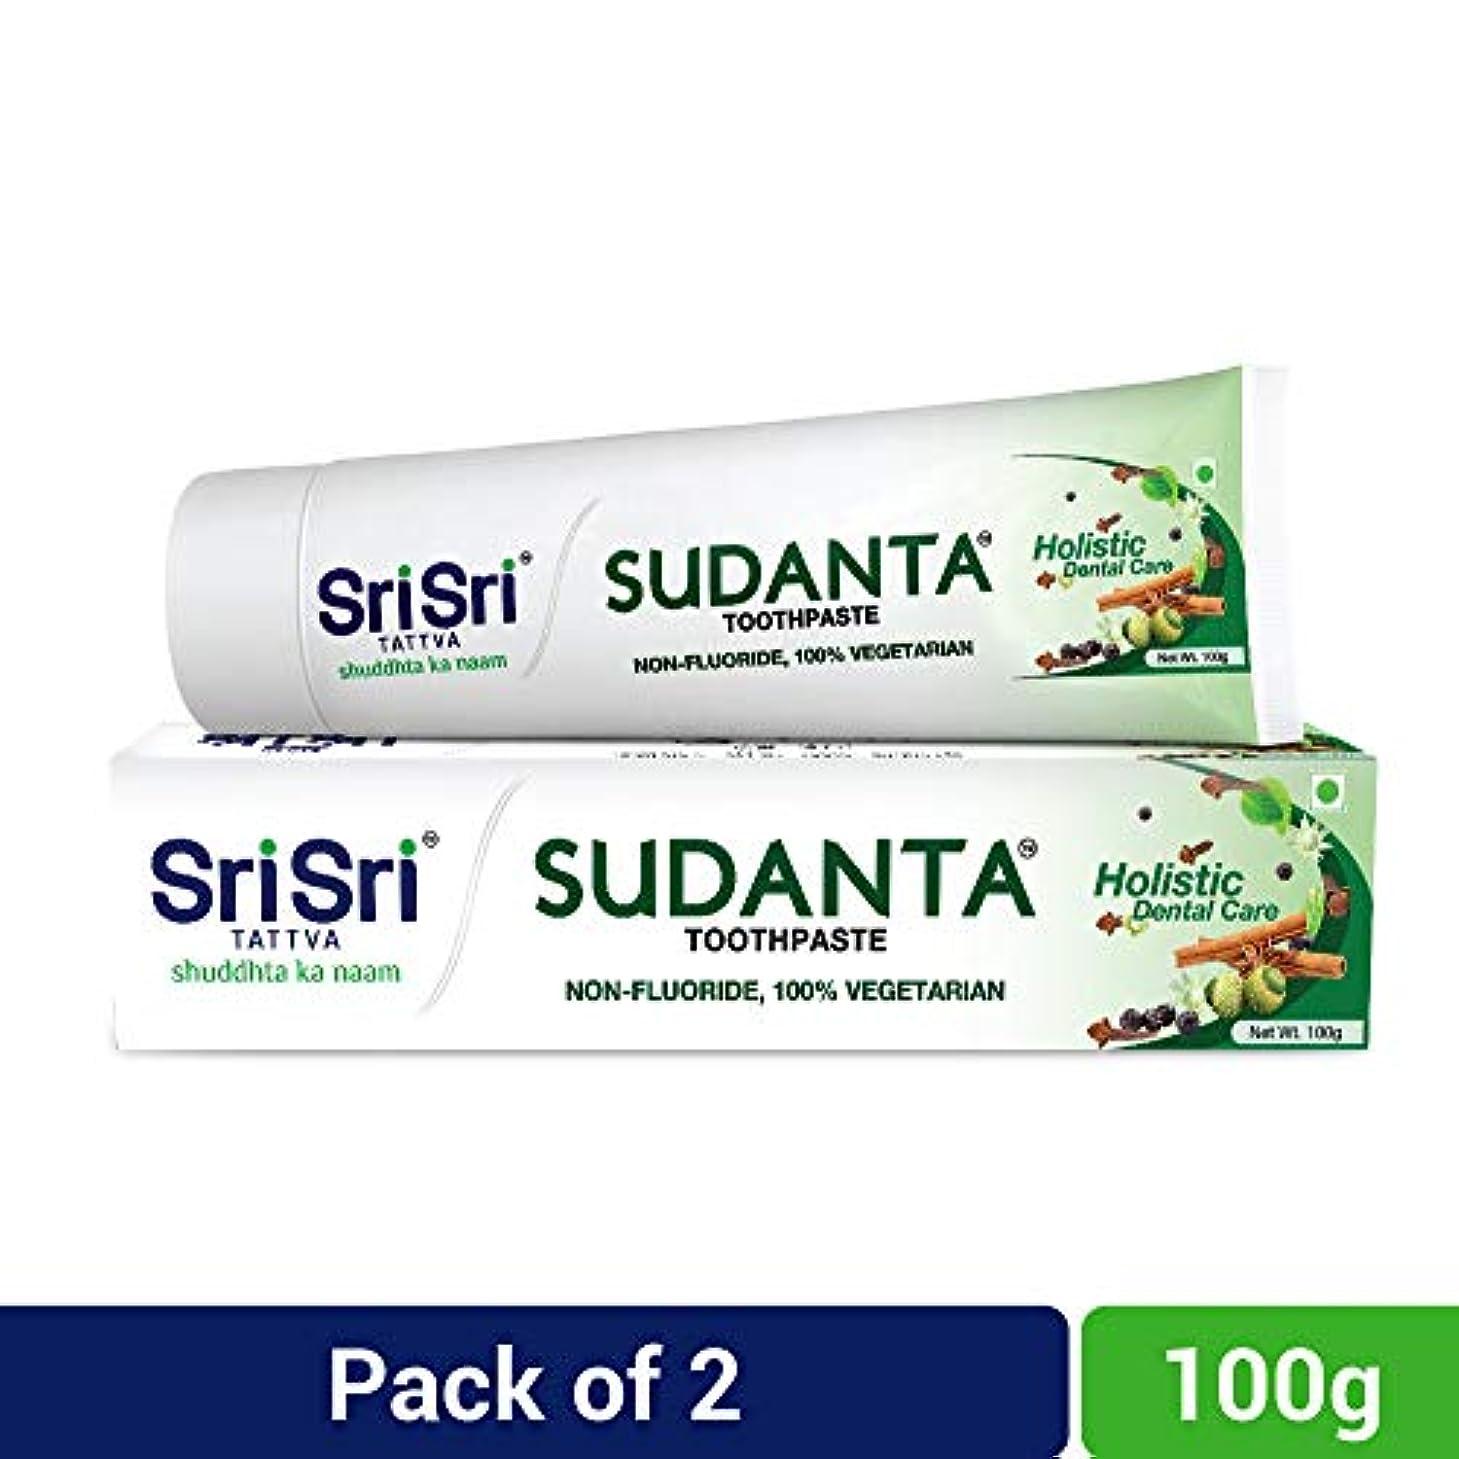 行連隊終了するSri Sri Tattva Sudanta Toothpaste, 200gm (100 x Pack of 2)